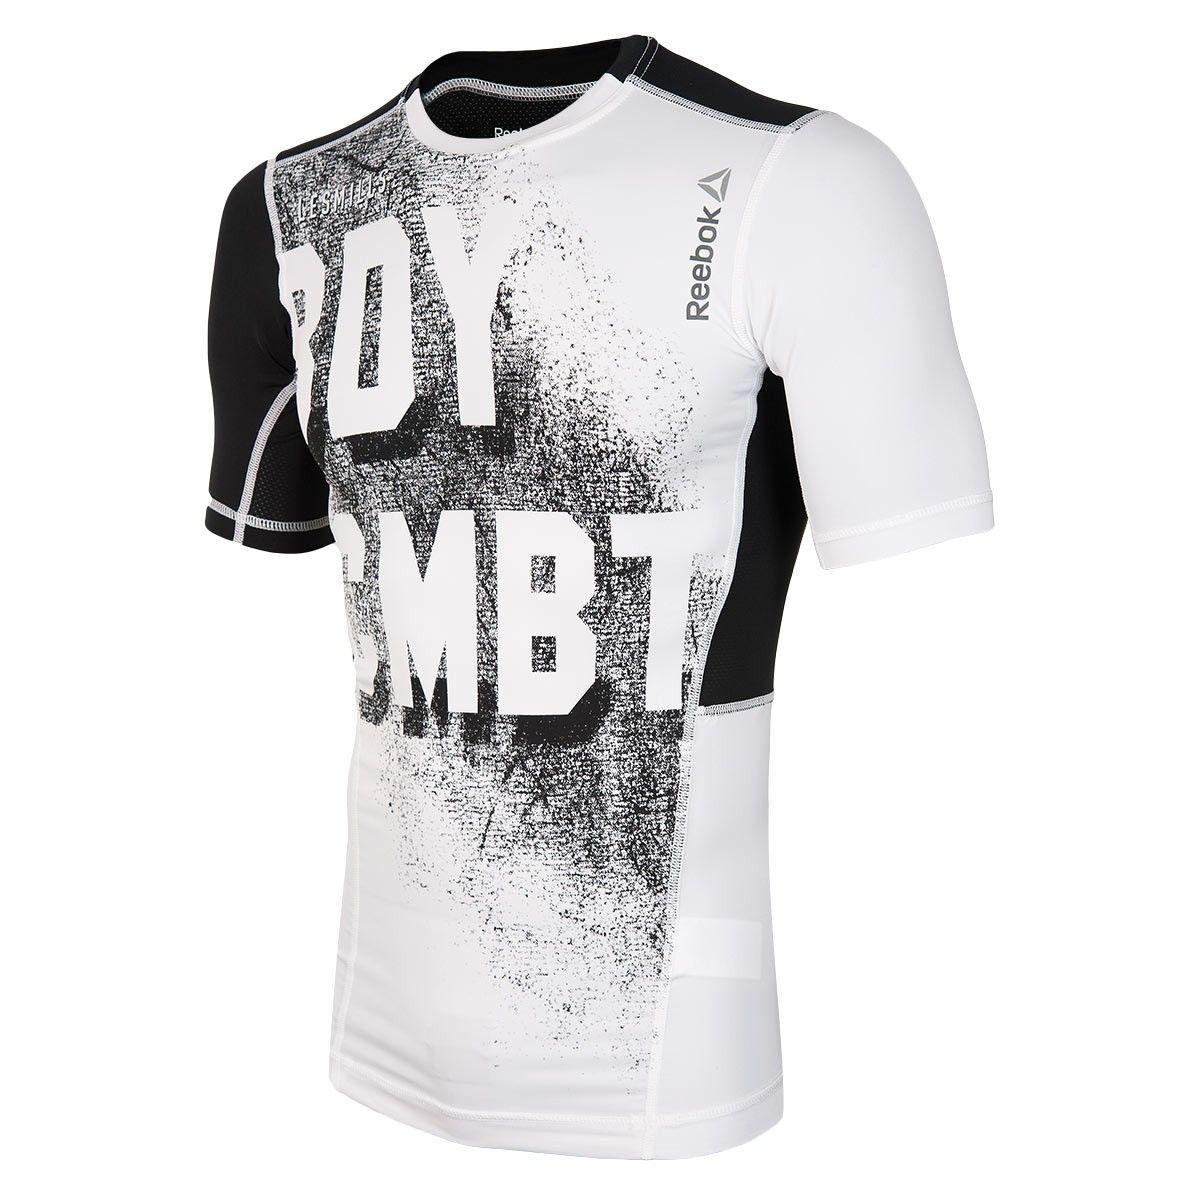 90514945a124 Herren Shirt Bodycombat Tee   Shop   21run.com  reebok  fitness  running   shirt  print